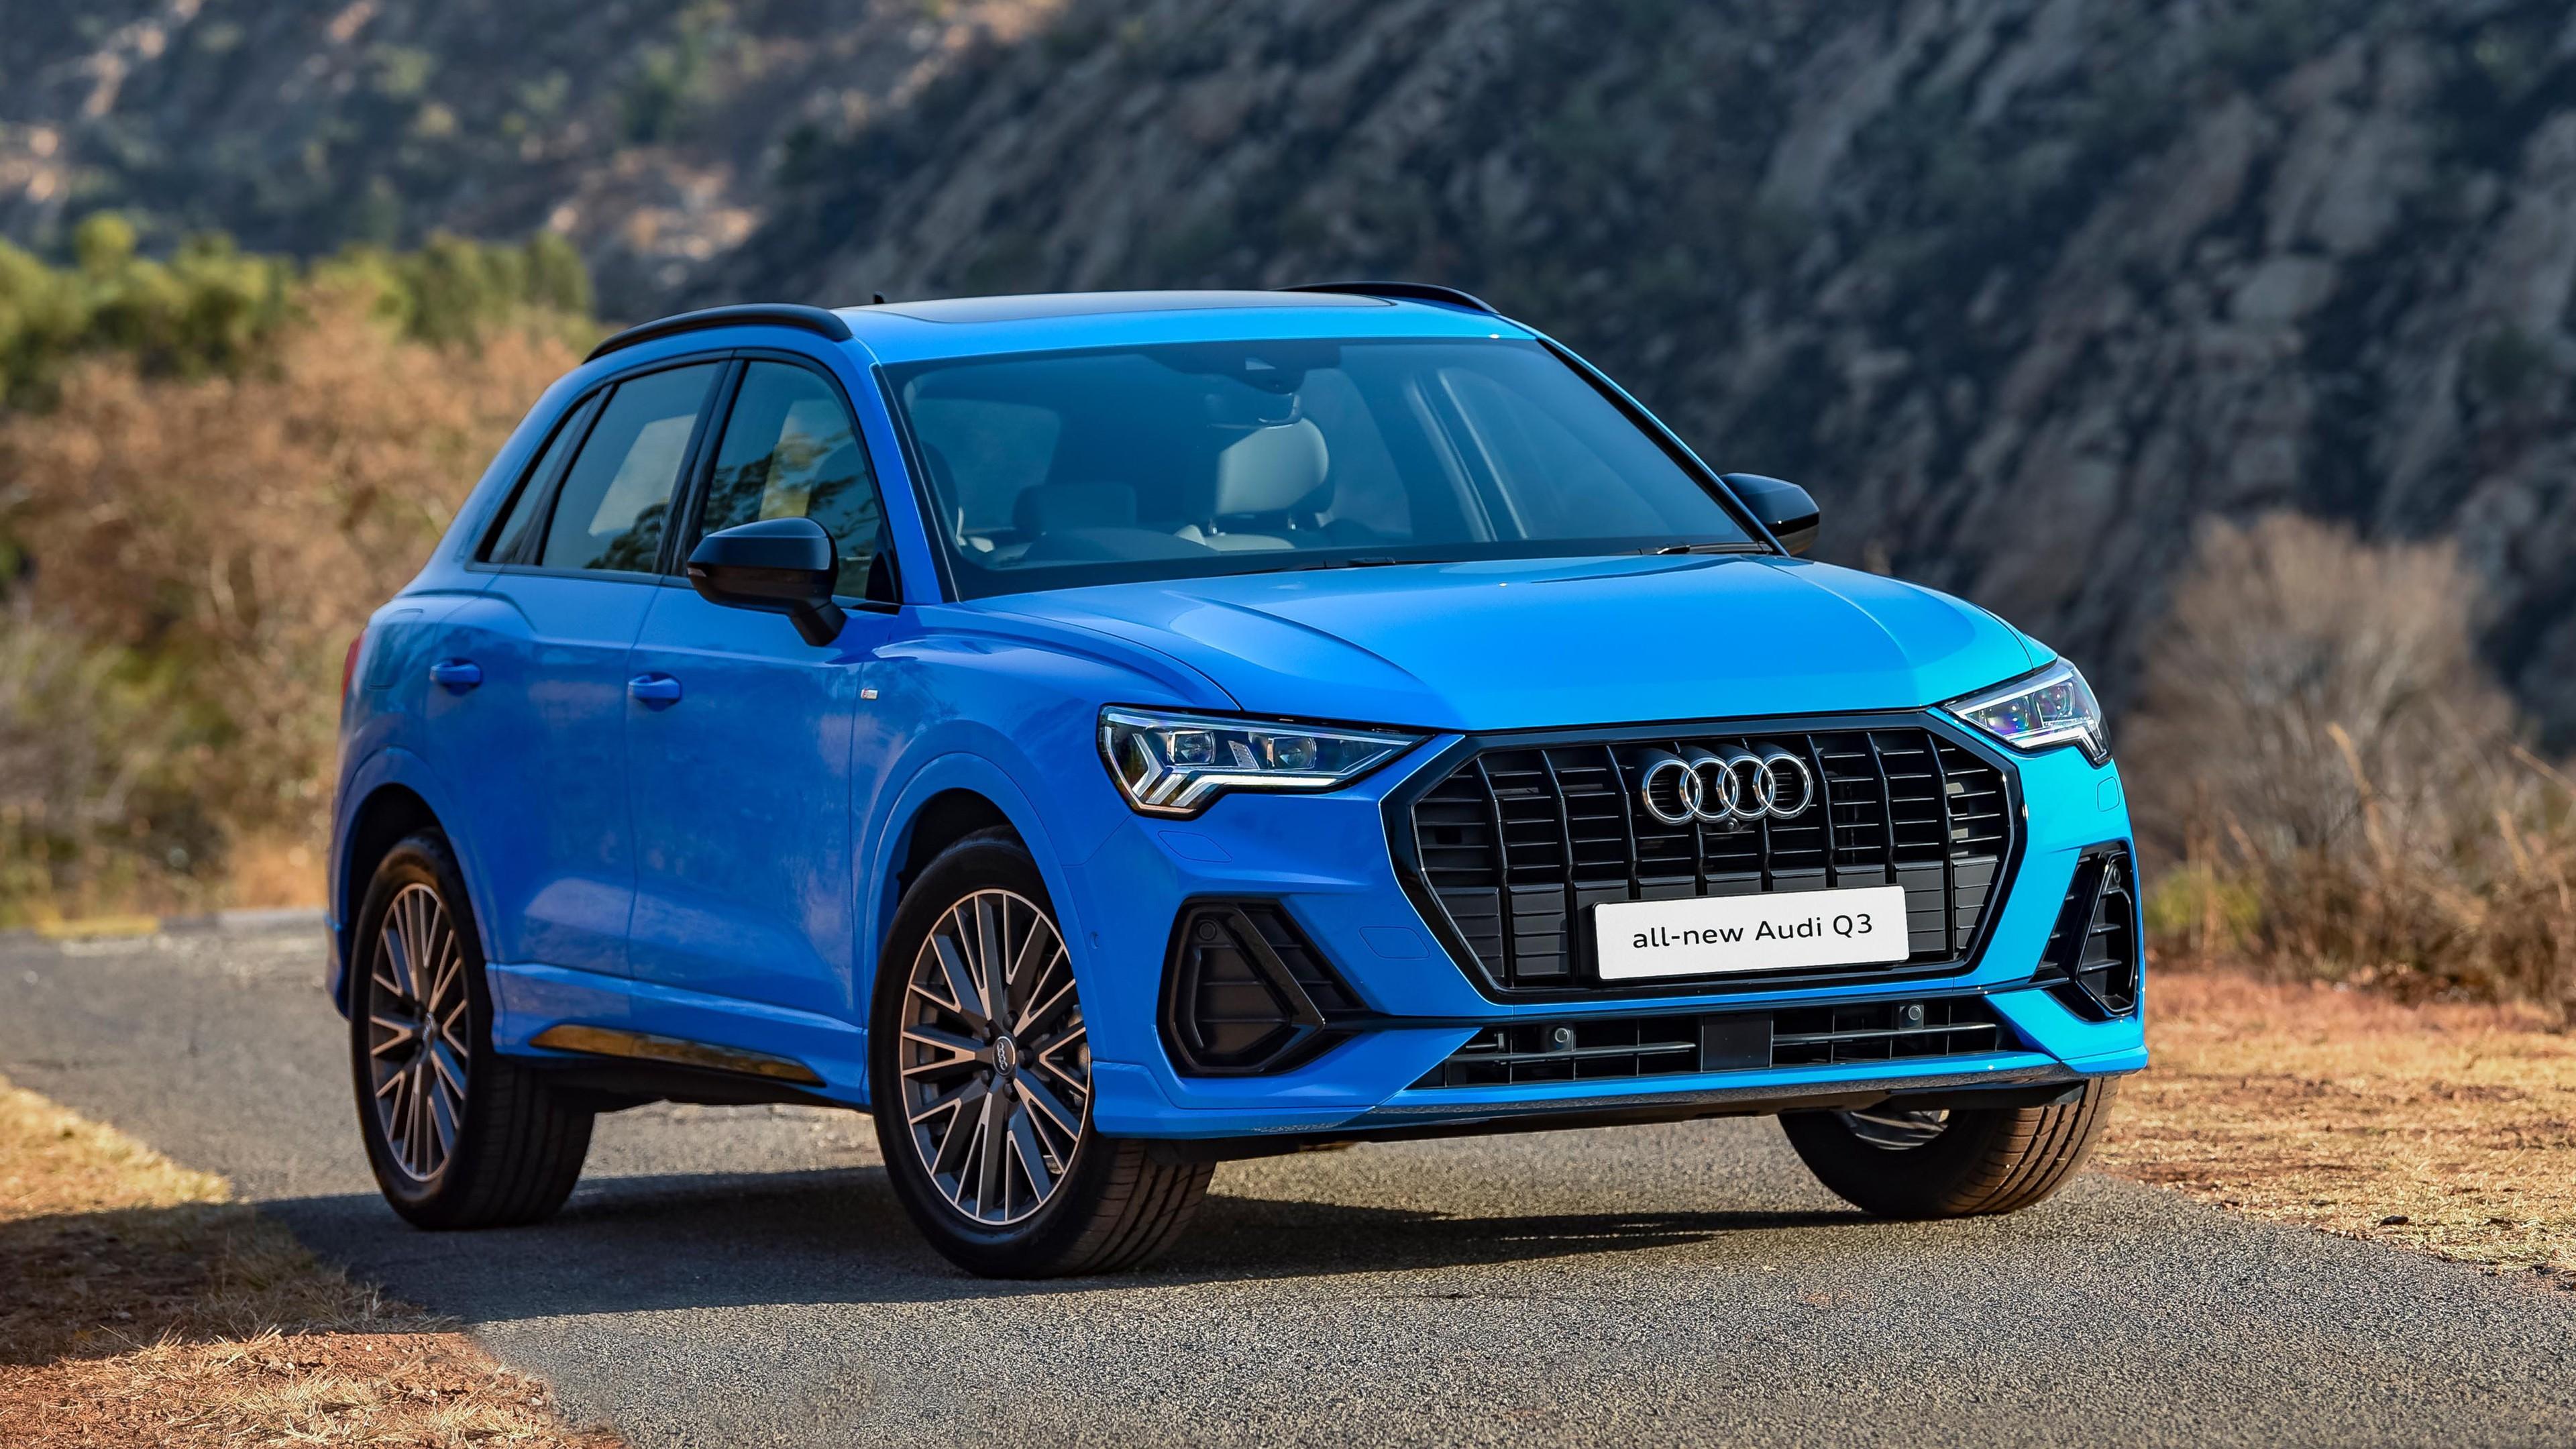 Audi Q3 35 Tfsi S Line 2019 4k Wallpaper Hd Car Wallpapers Id 13124